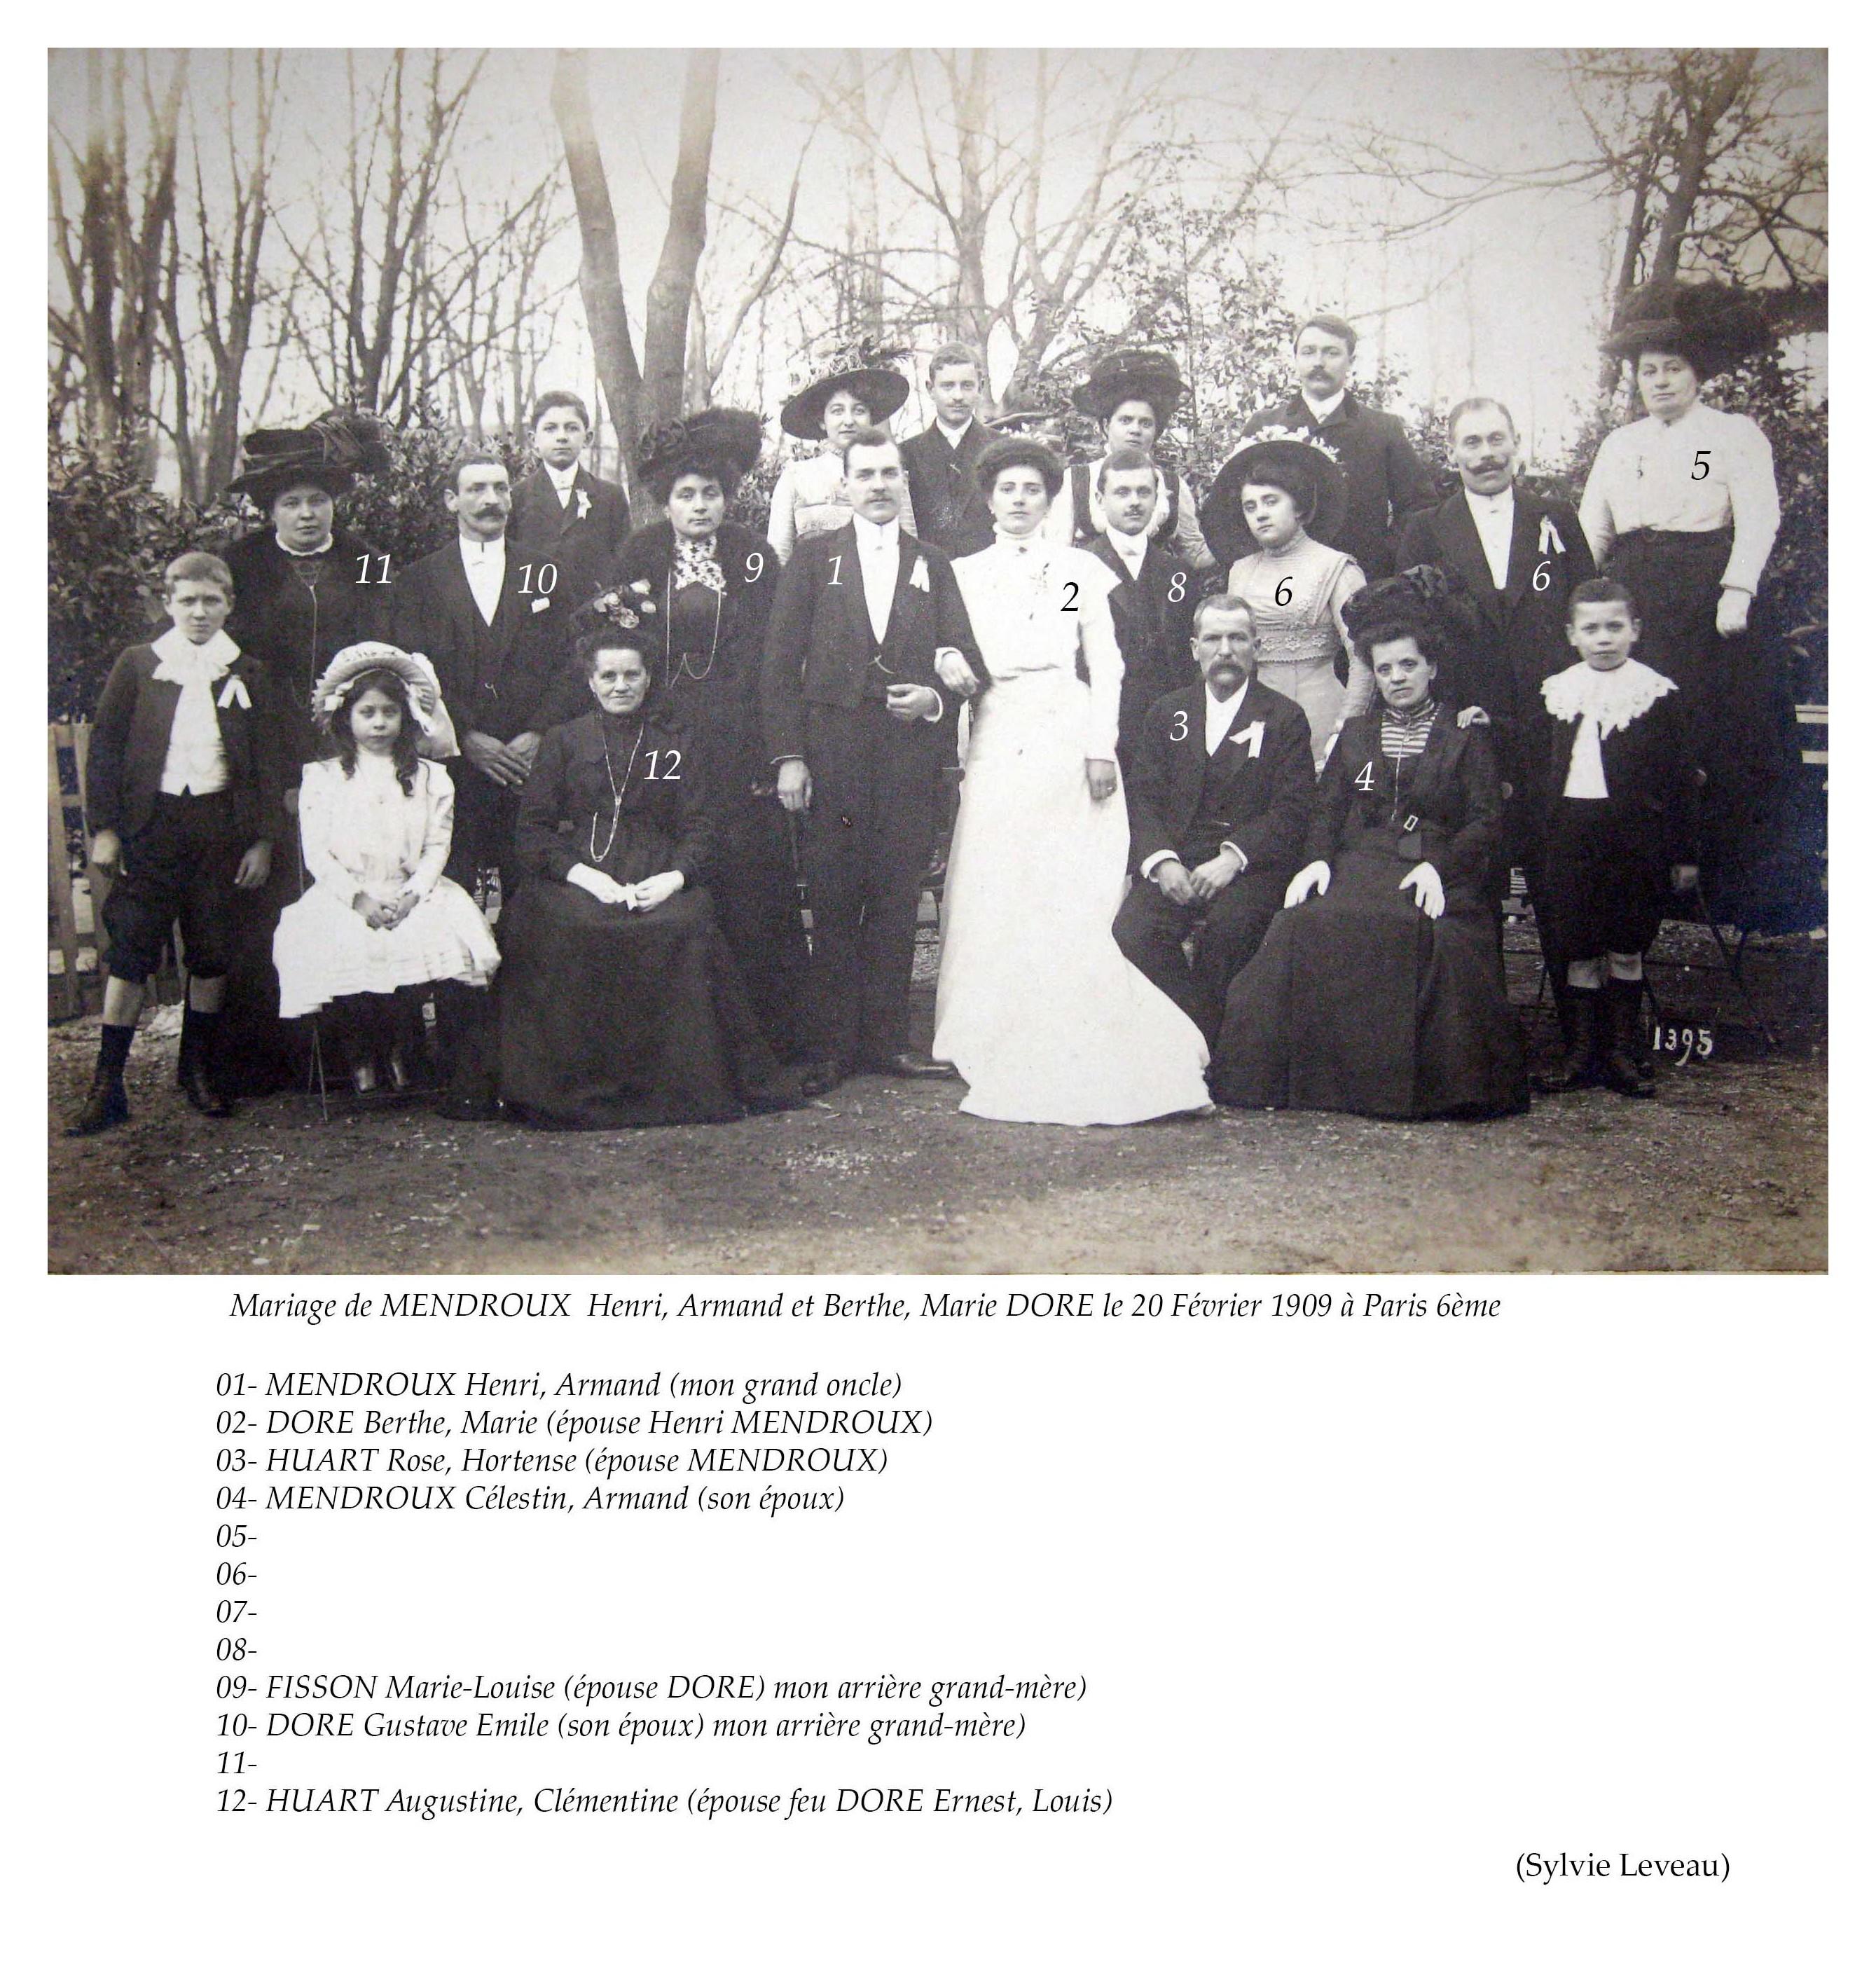 Zone 75 - Paris 6ème - Mariage - MENDROUX Henri, Armand et DORE Berthe, Marie - 20 février 1909 (Sylvie Leveau)